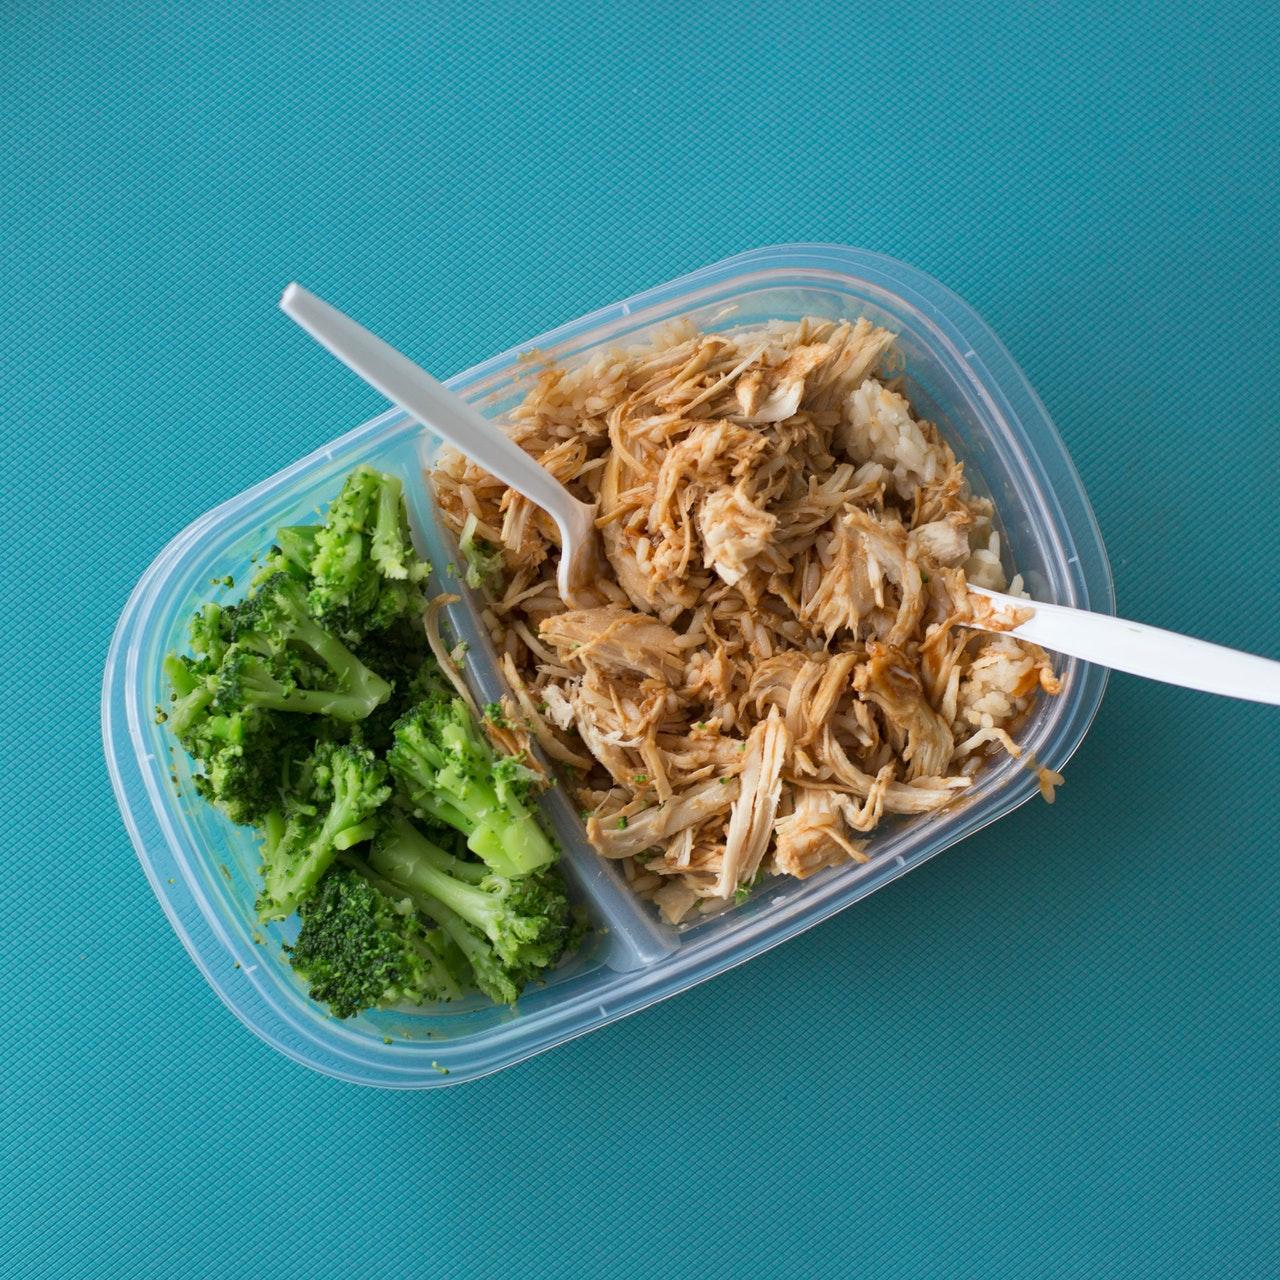 筋トレダイエットに食べるご飯はどんなものがいいか?